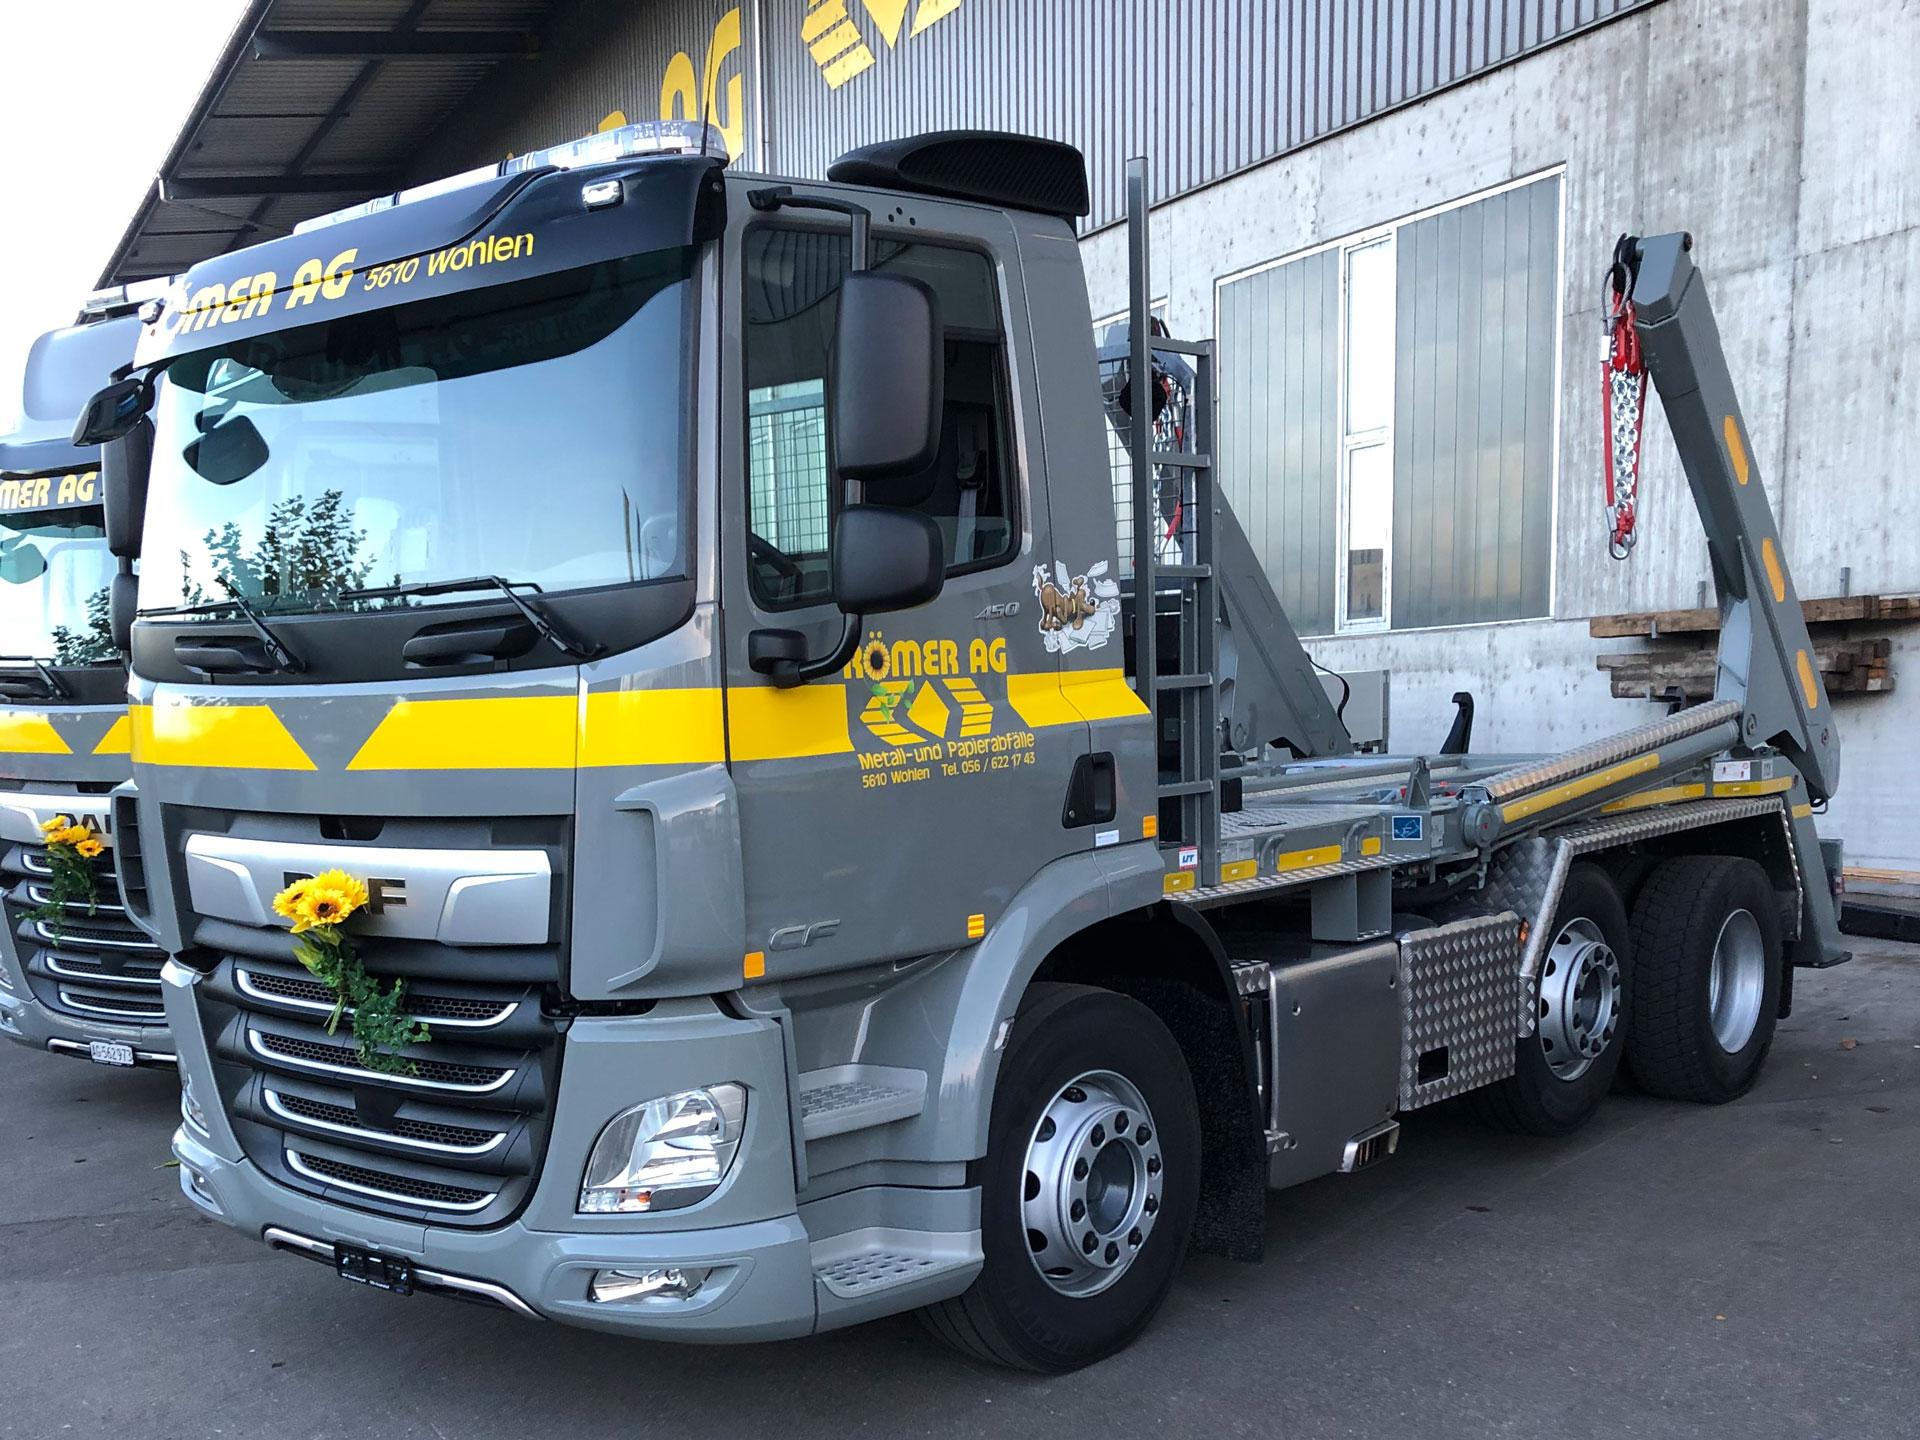 Welaki: Grau-gelber DAF Lastwagen mit Aufbau von UT.